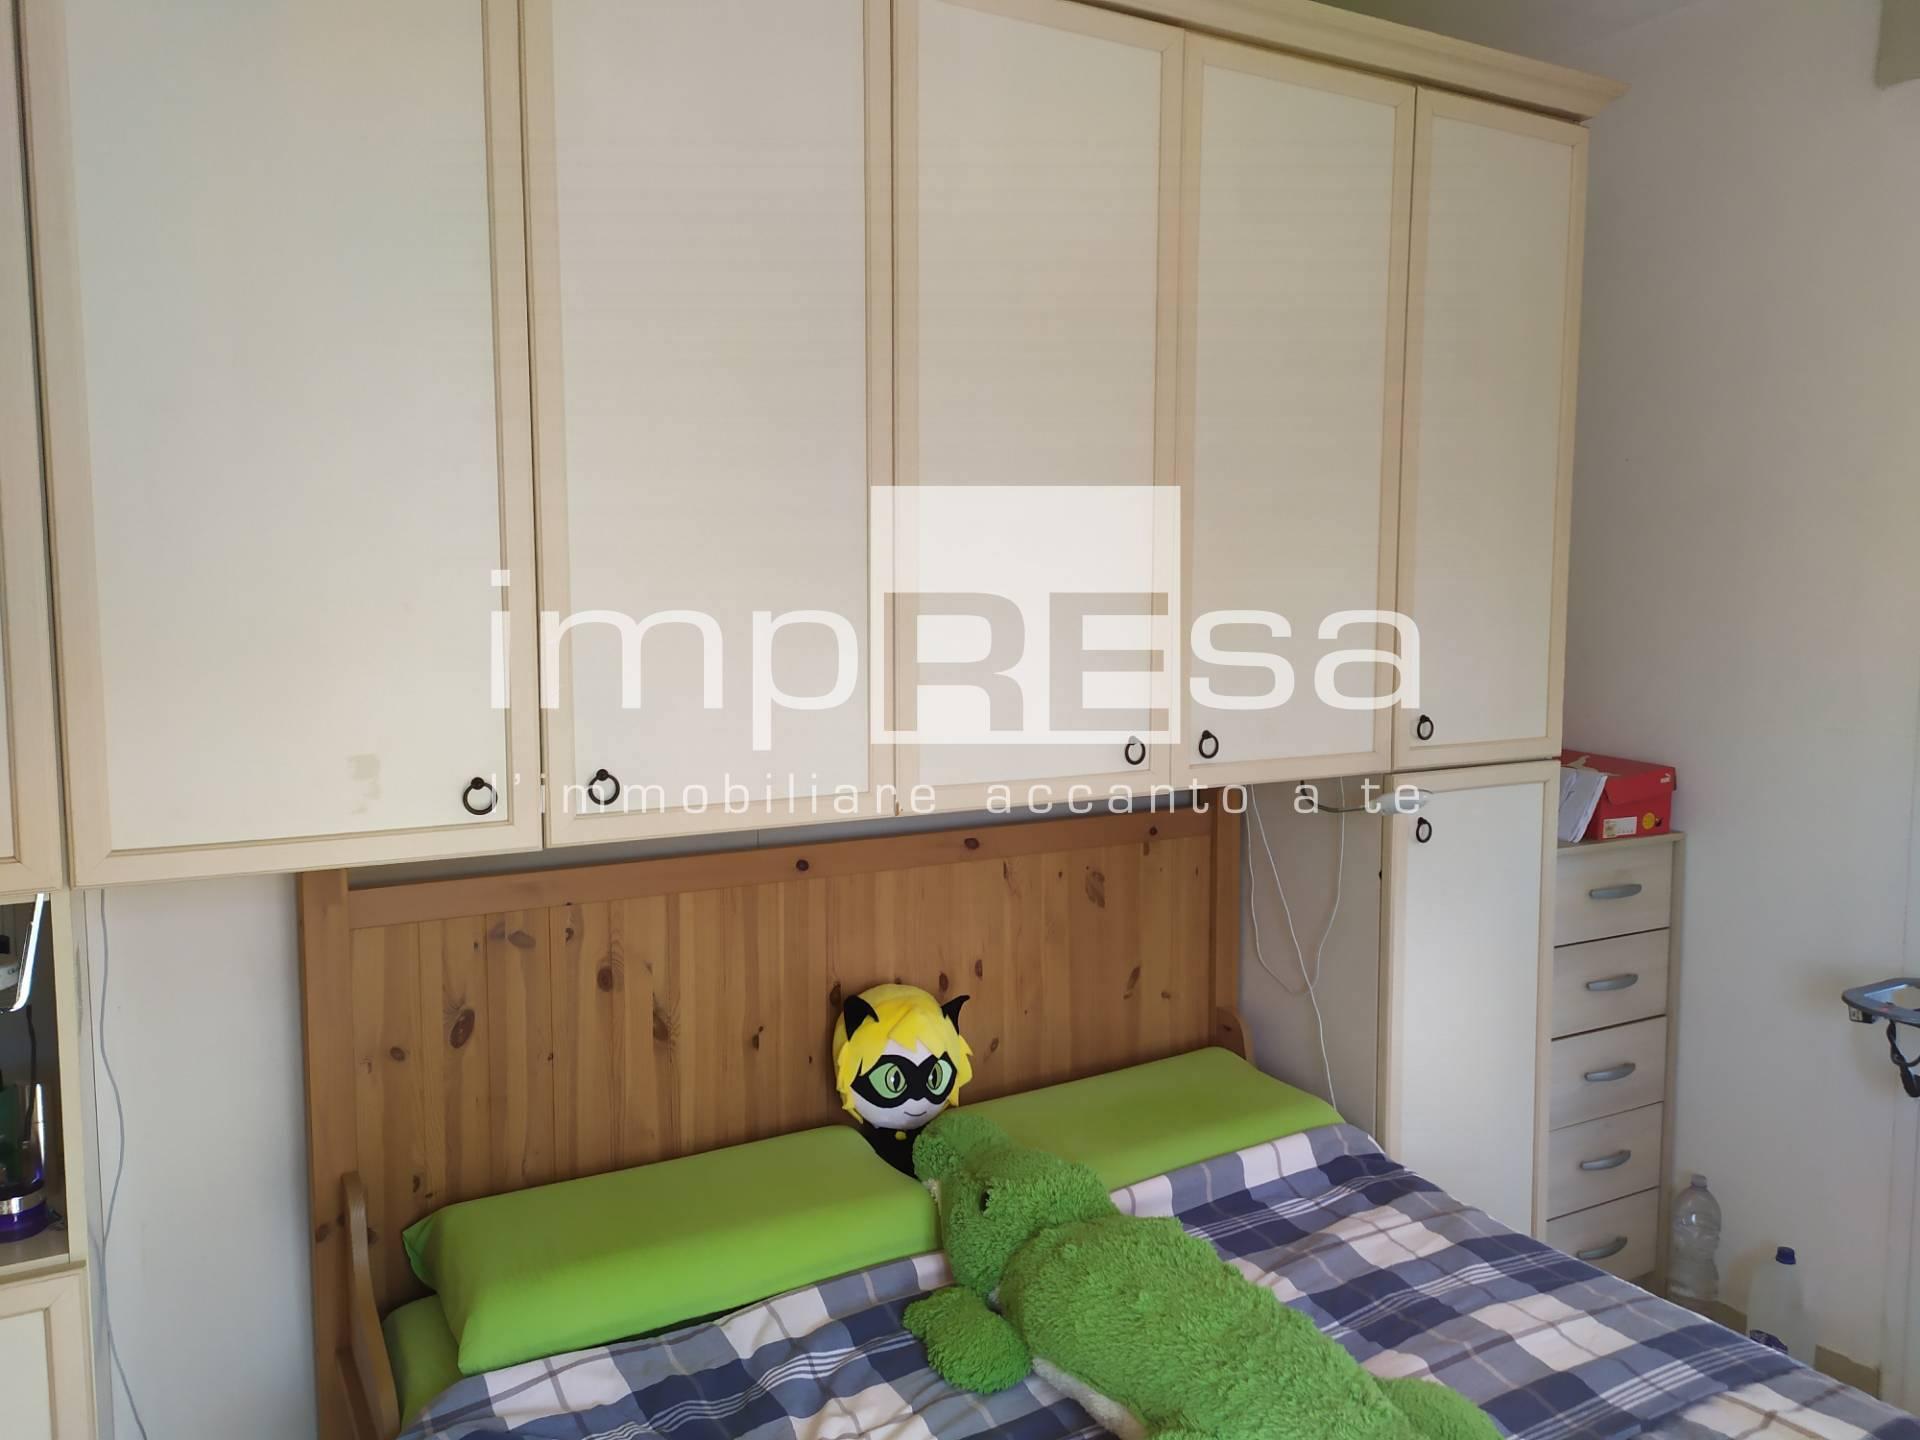 Appartamento in vendita a Preganziol, 6 locali, zona Località: Centro, prezzo € 85.000 | CambioCasa.it